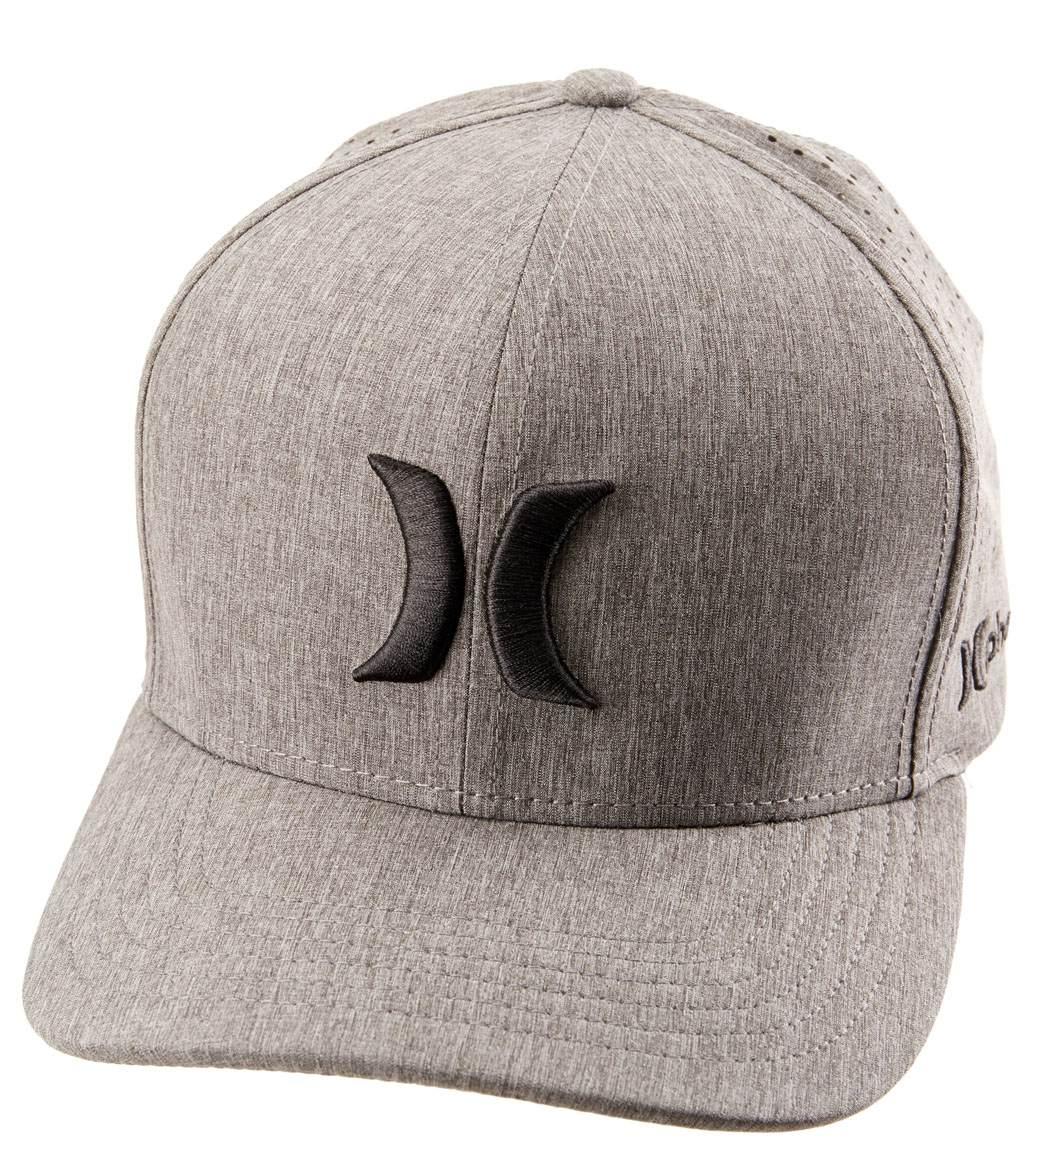 buy online 42150 682d2 ... Hurley Men s Phantom Vapor 3.0 Hat. Share